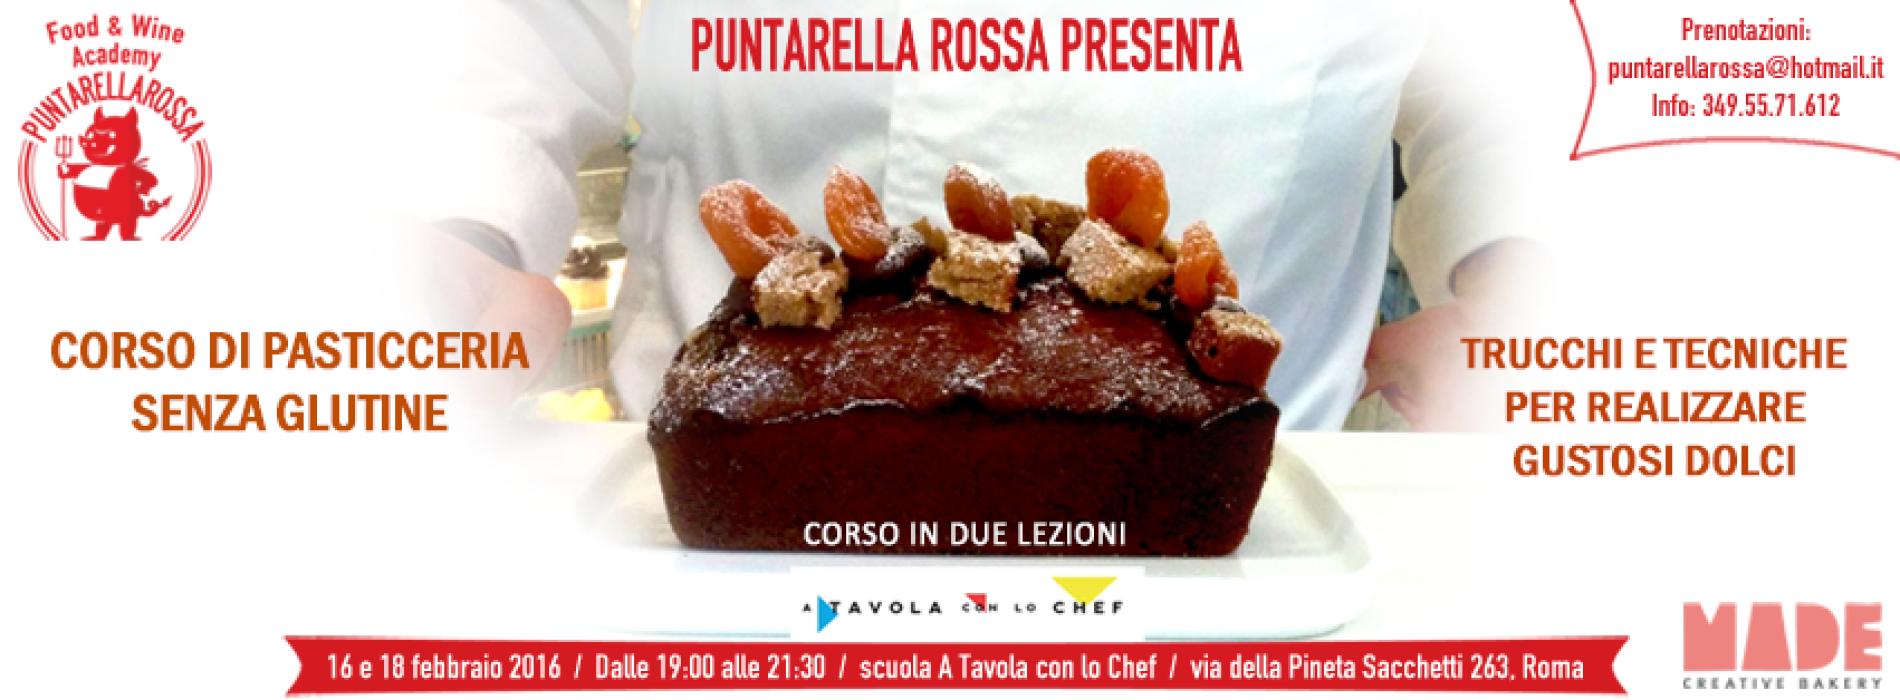 Corsi Cucina Roma – Idea d'immagine di decorazione